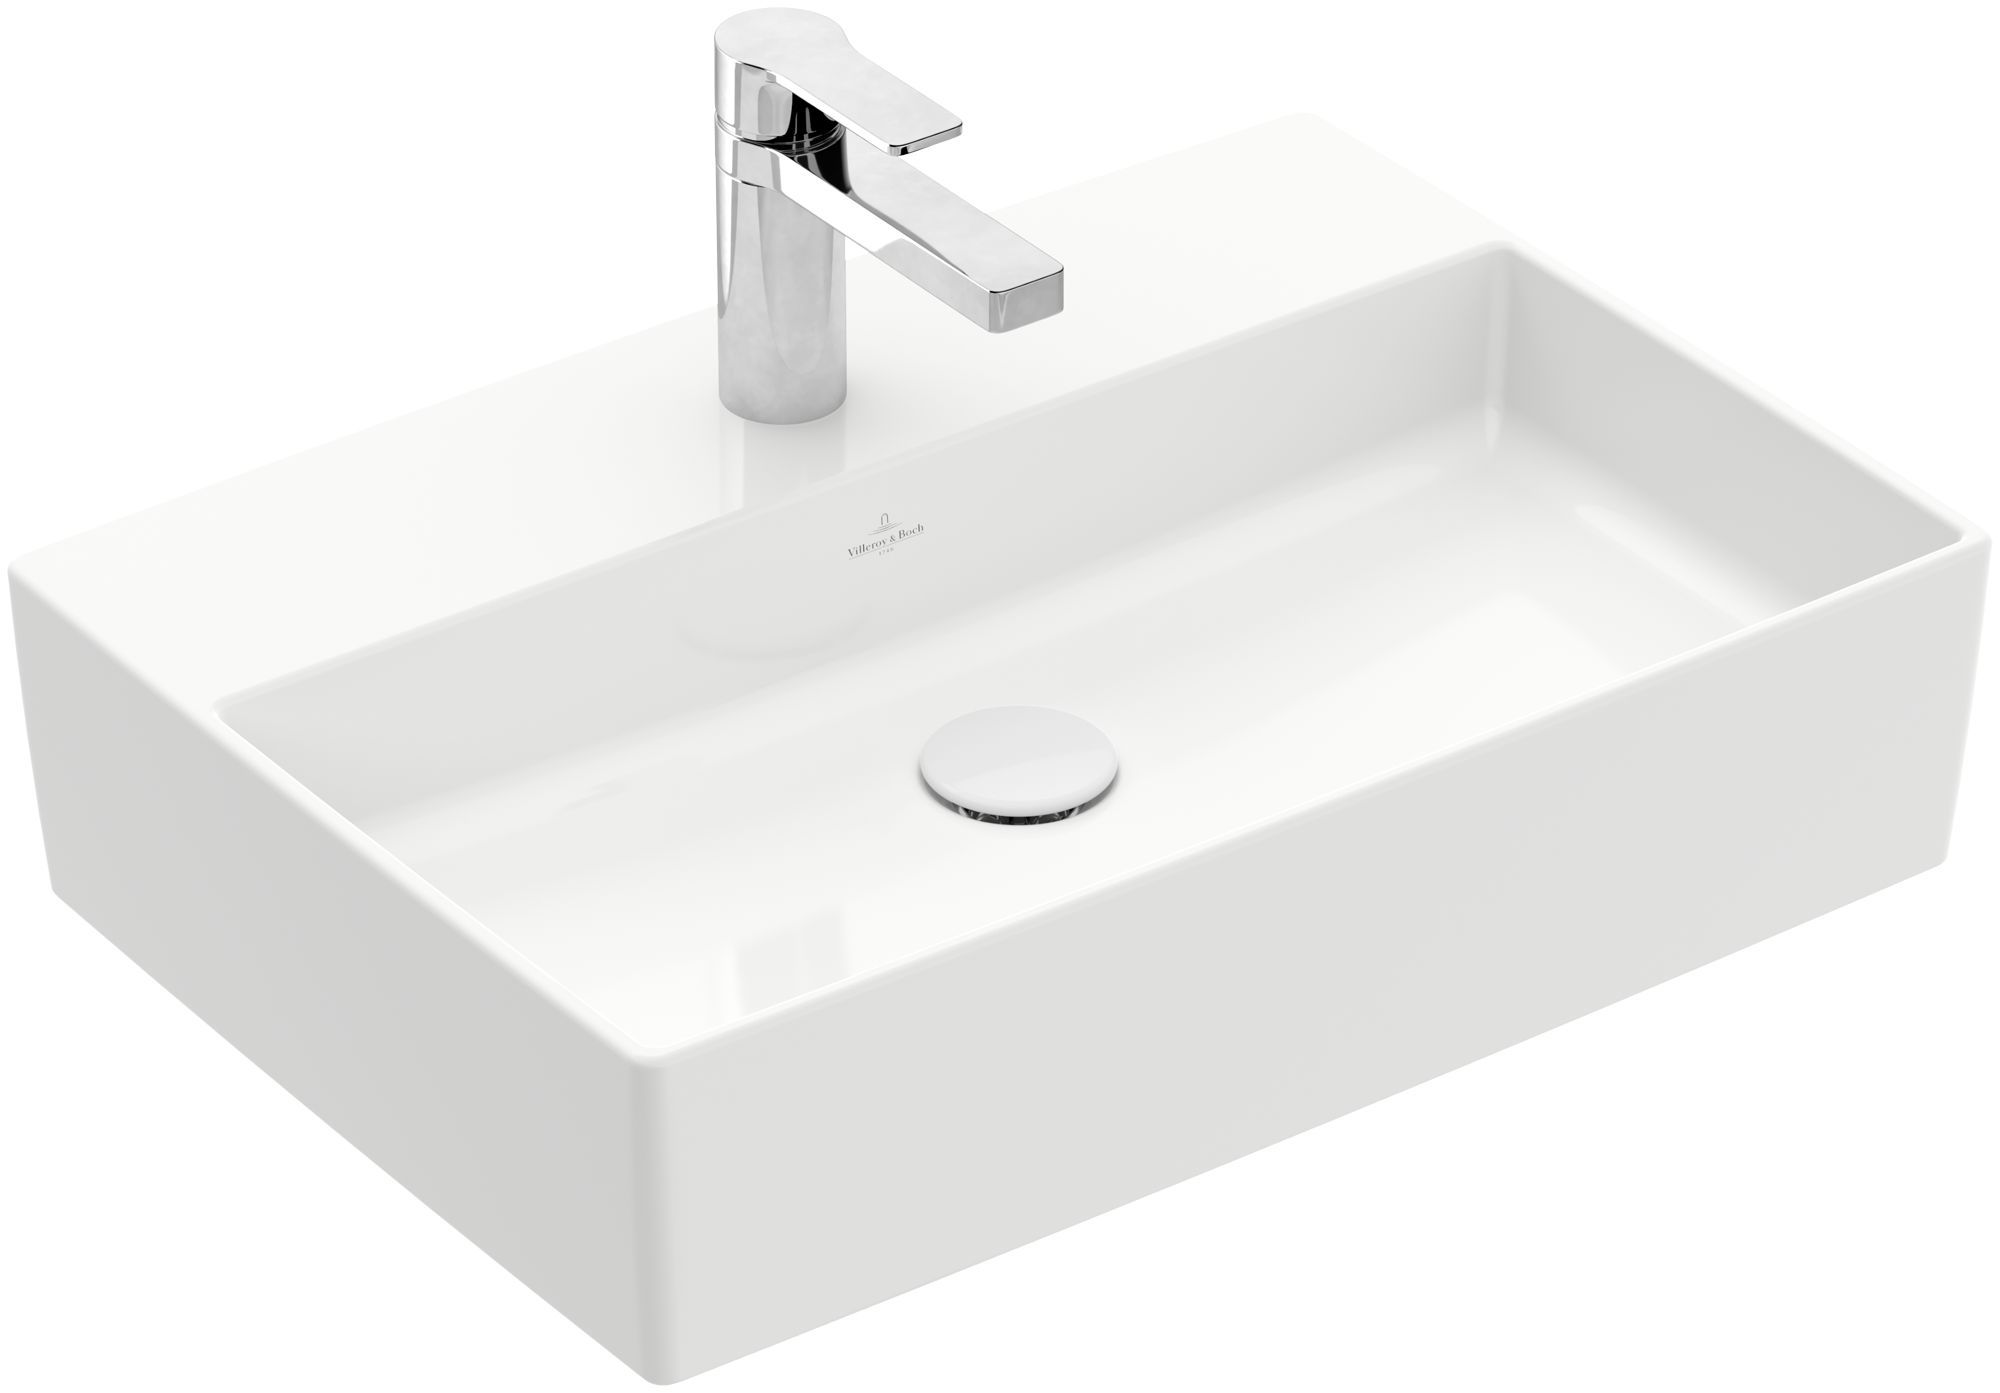 Villeroy & Boch Memento 2.0 Aufsatzwaschtisch ohne Überlauf 1 Hahnloch B:60xT:42cm ohne Überlauf 1 Hahnloch weiß Ceramicplus 4A0761R1